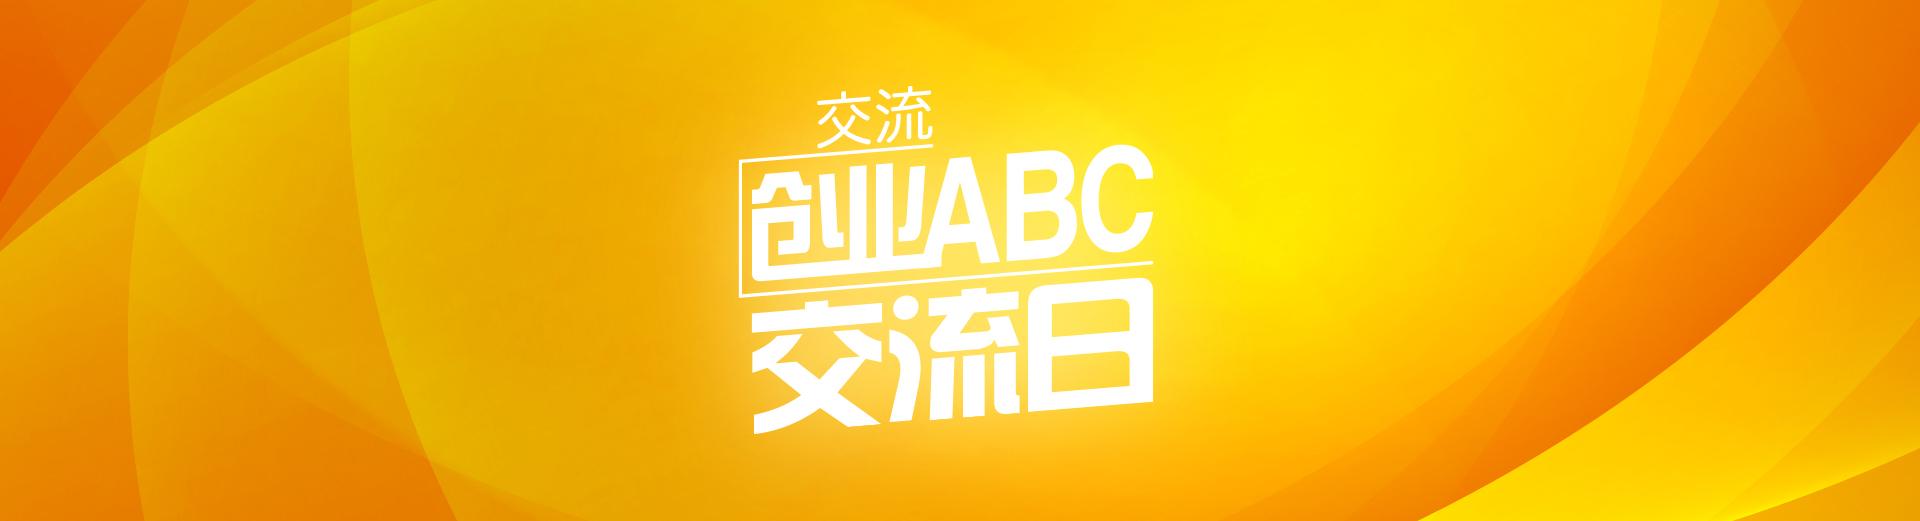 创业ABC第141期交流日 - 创业ABC交流日 - 创业活动 - 创业工坊